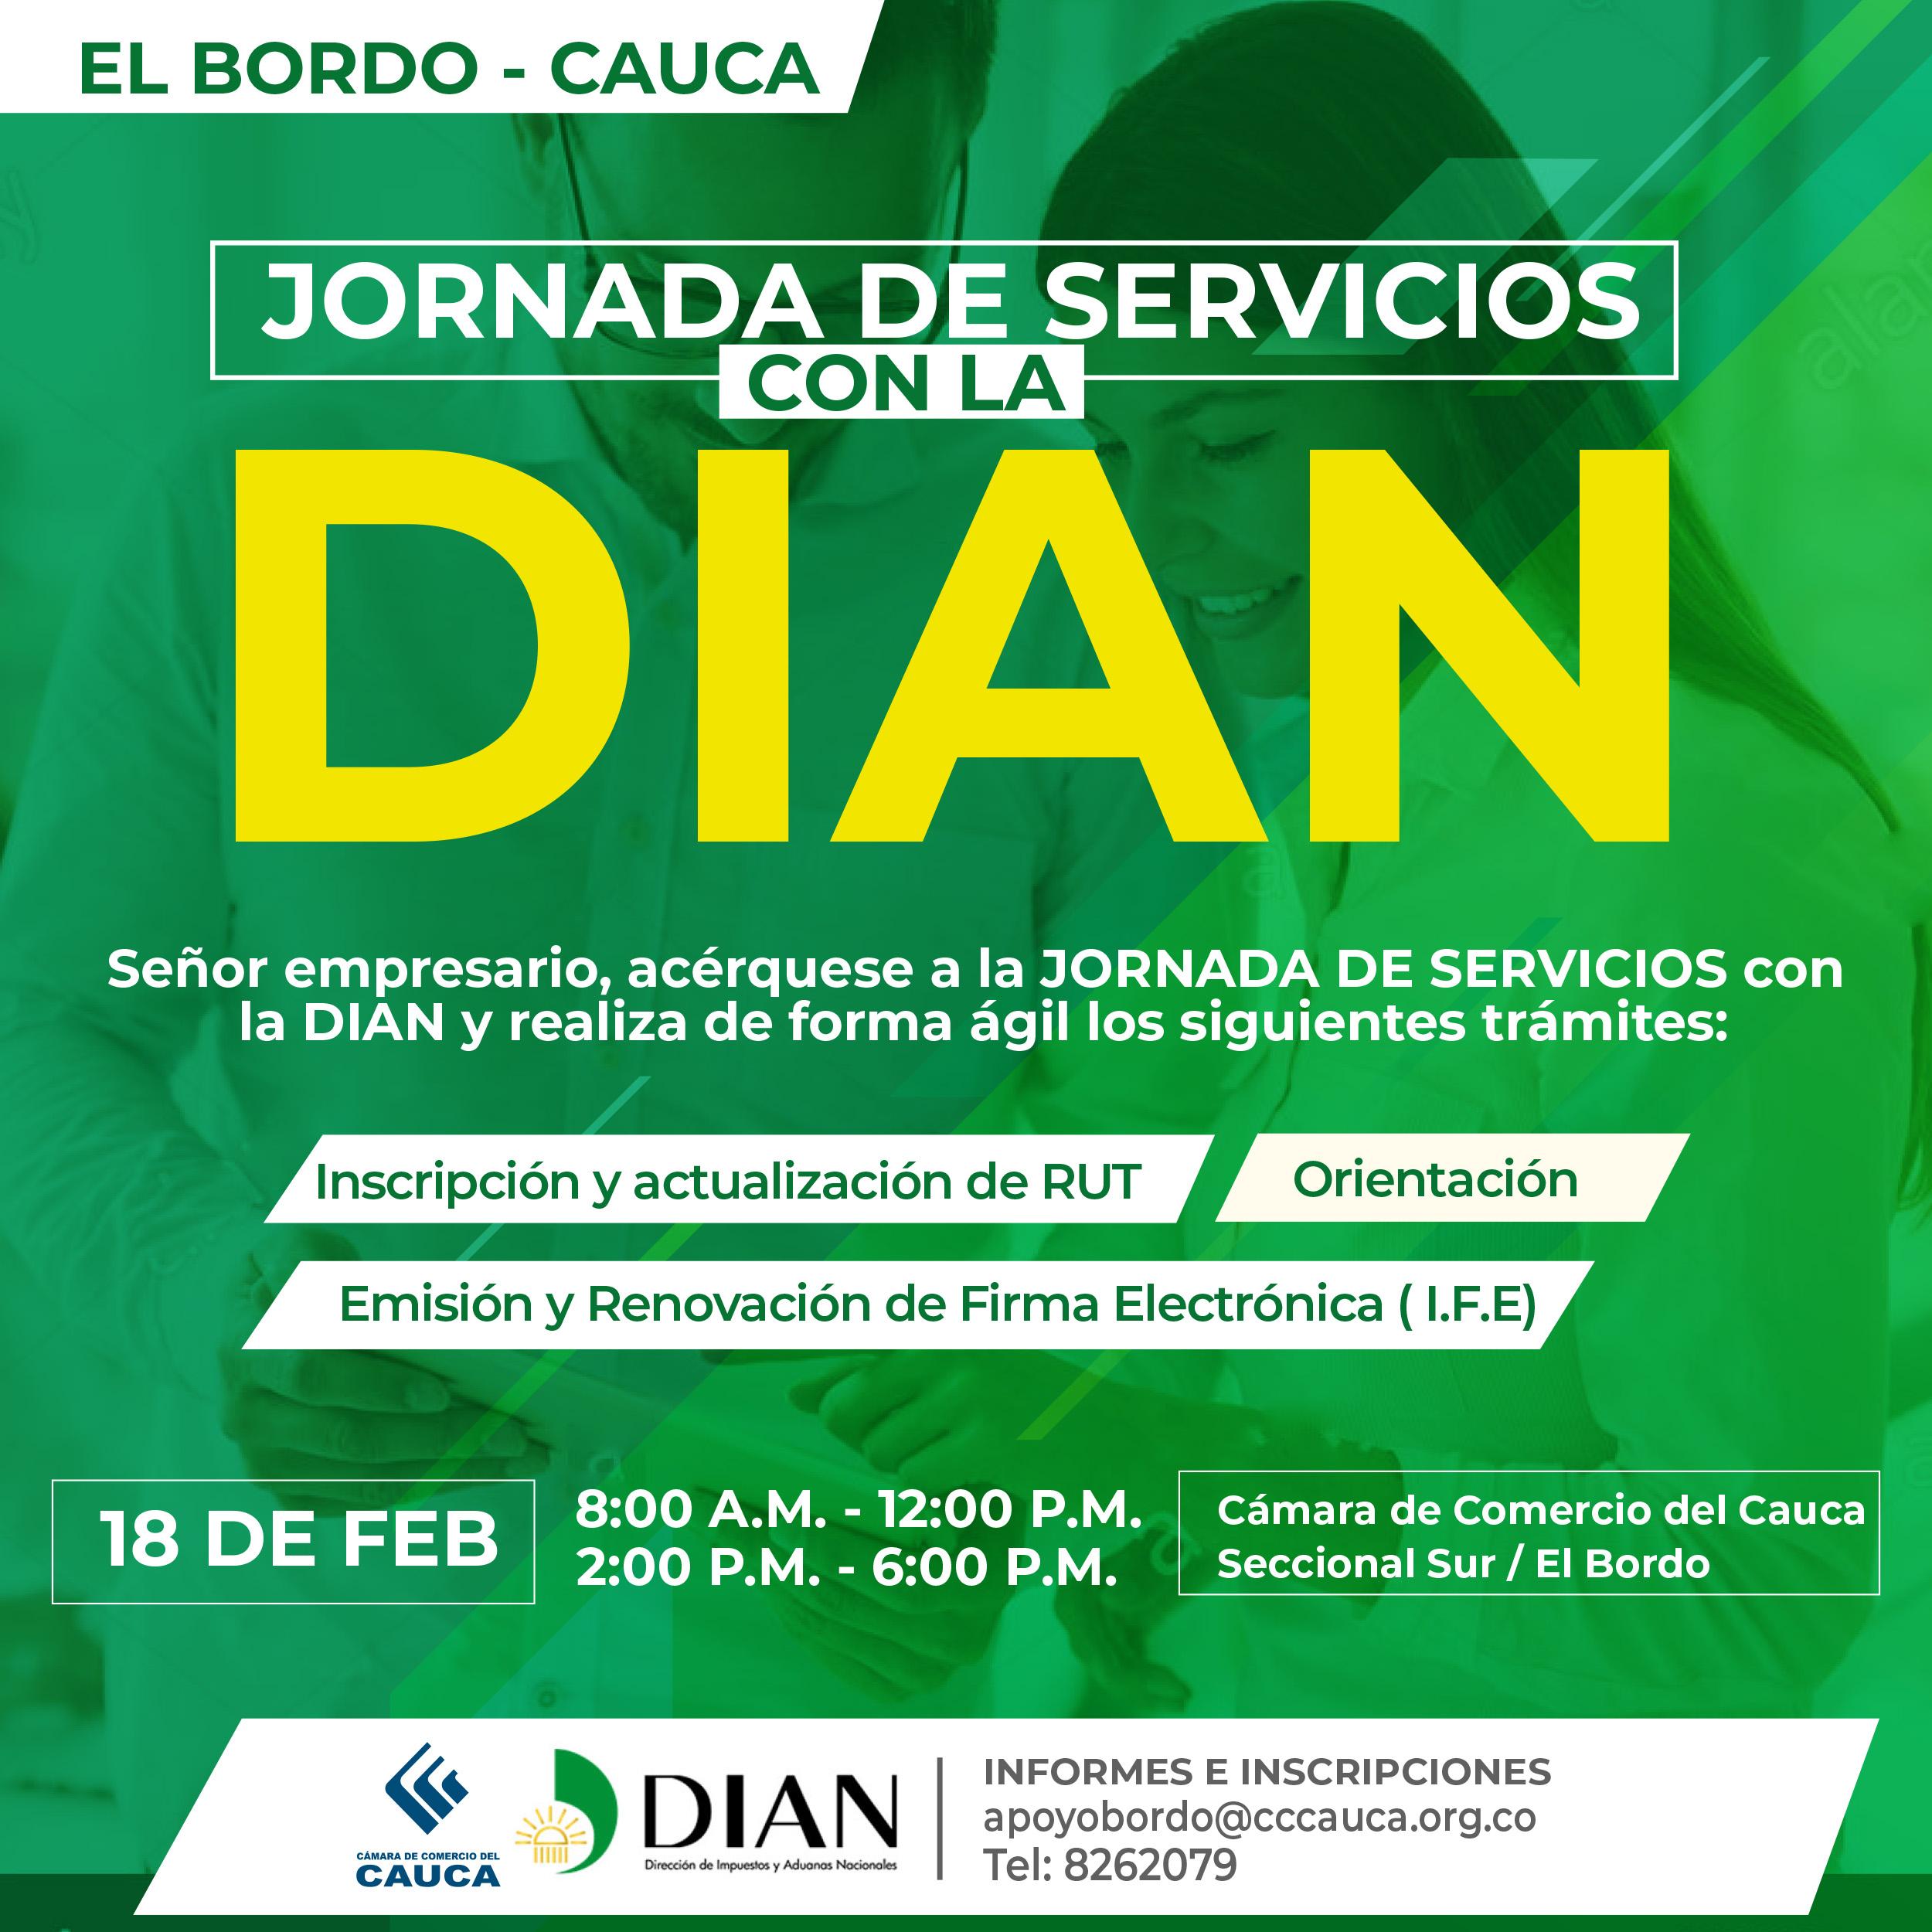 Jornada de Servicios con la DIAN en el Bordo Cauca